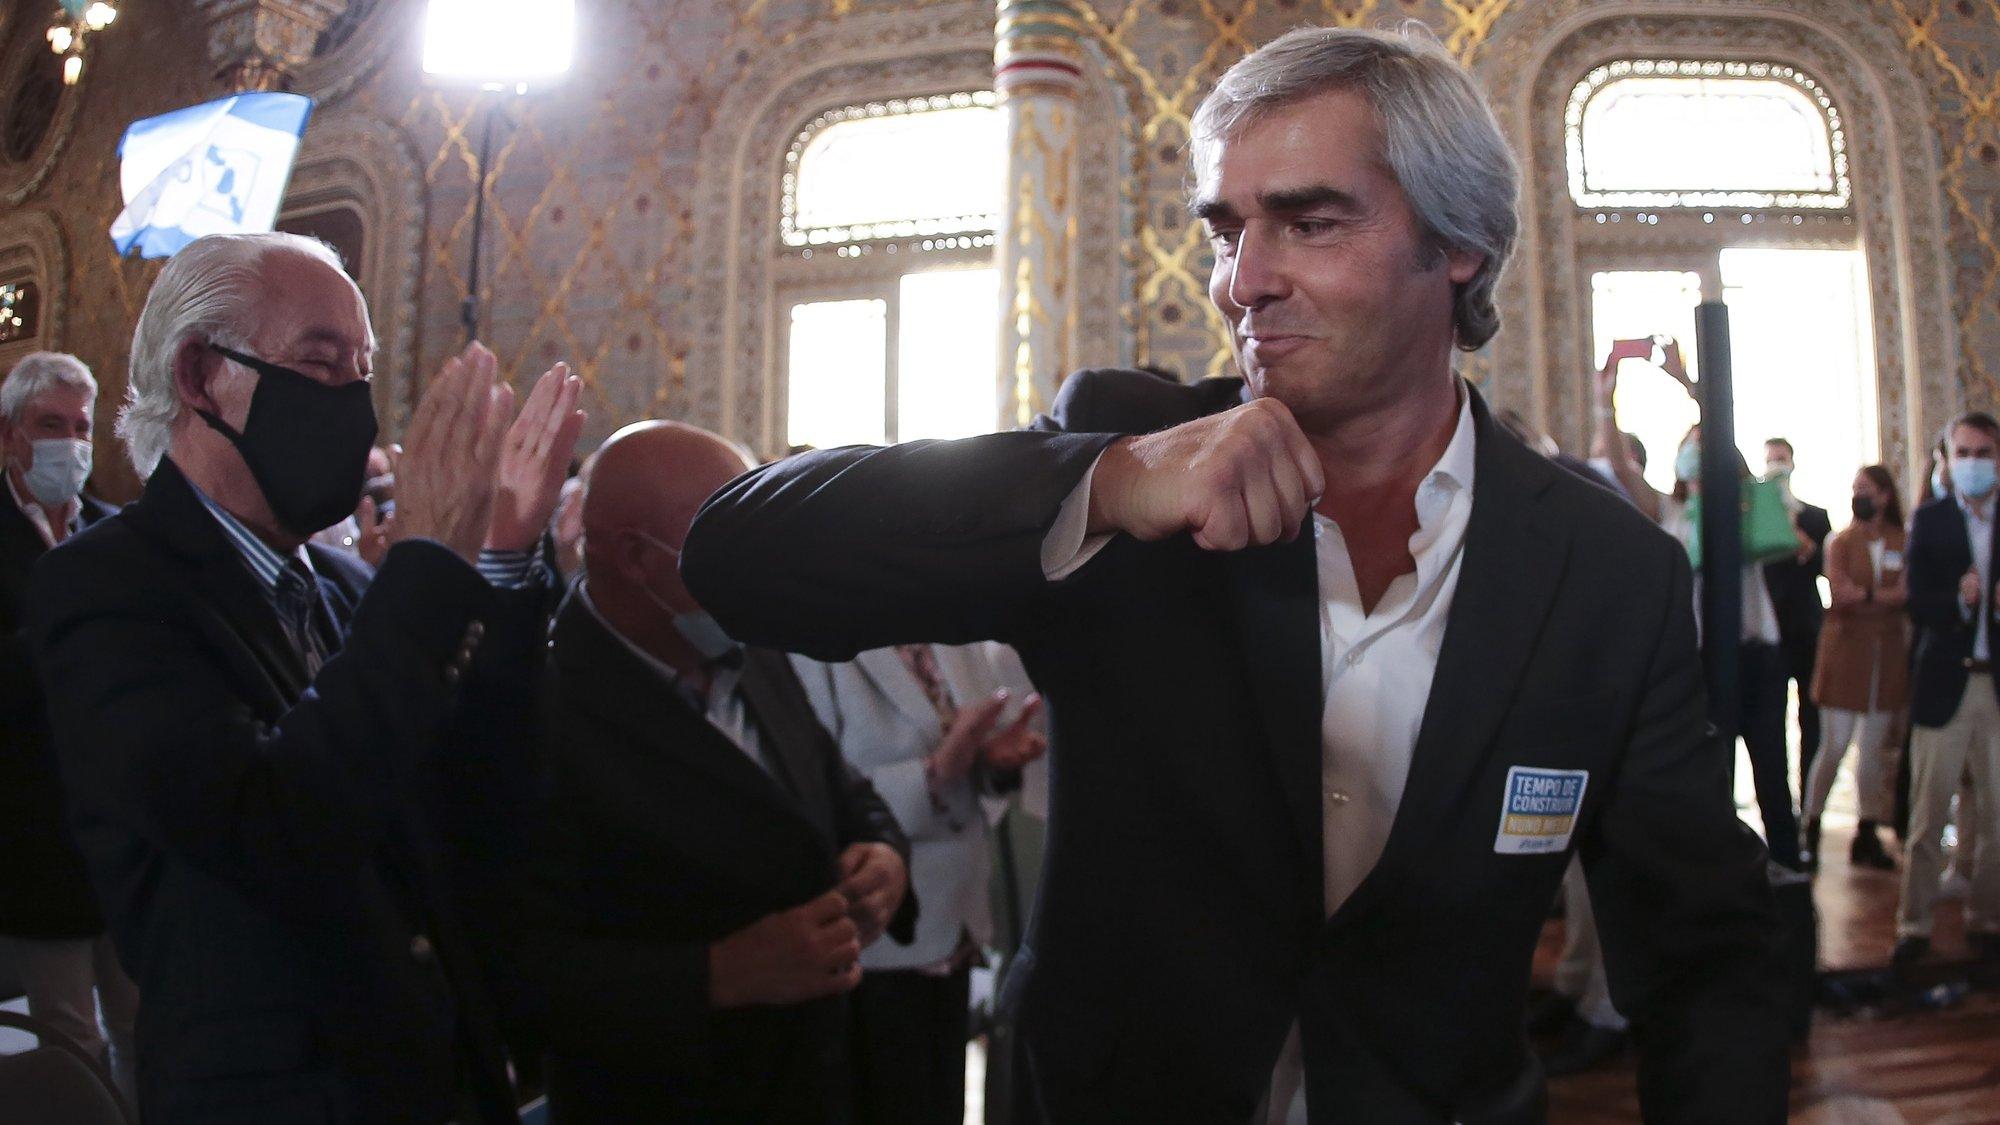 O Eurodeputado do CDS-PP, Nuno Melo (D), cumprimenta apoiantes durante a apresentação da sua candidatura à liderança do partido, no Palácio da Bolsa, na cidade do Porto, 9 de outubro de 2021. MANUEL FERNANDO ARAÚJO/LUSA